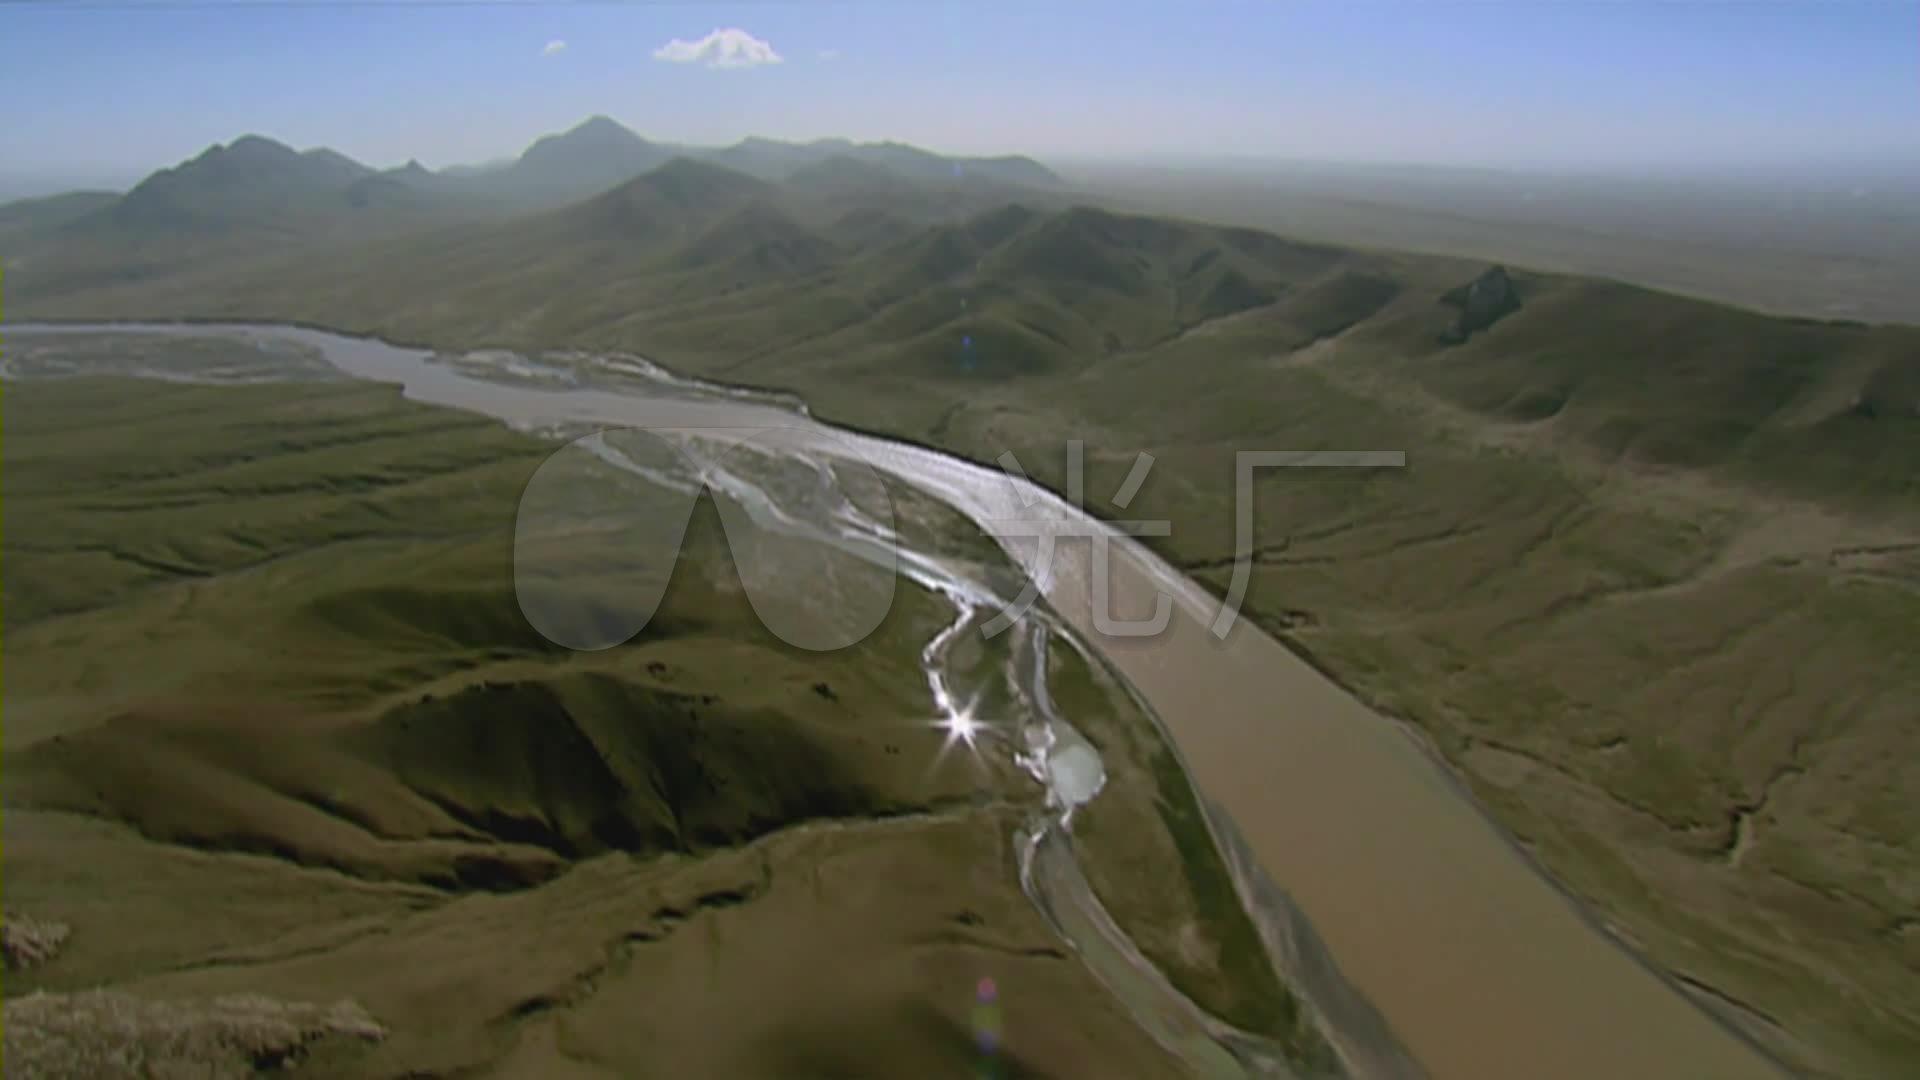 v茶枯长江流域长江三峡茶枯视频a茶枯的黄河_1水闸洗头水坝图片